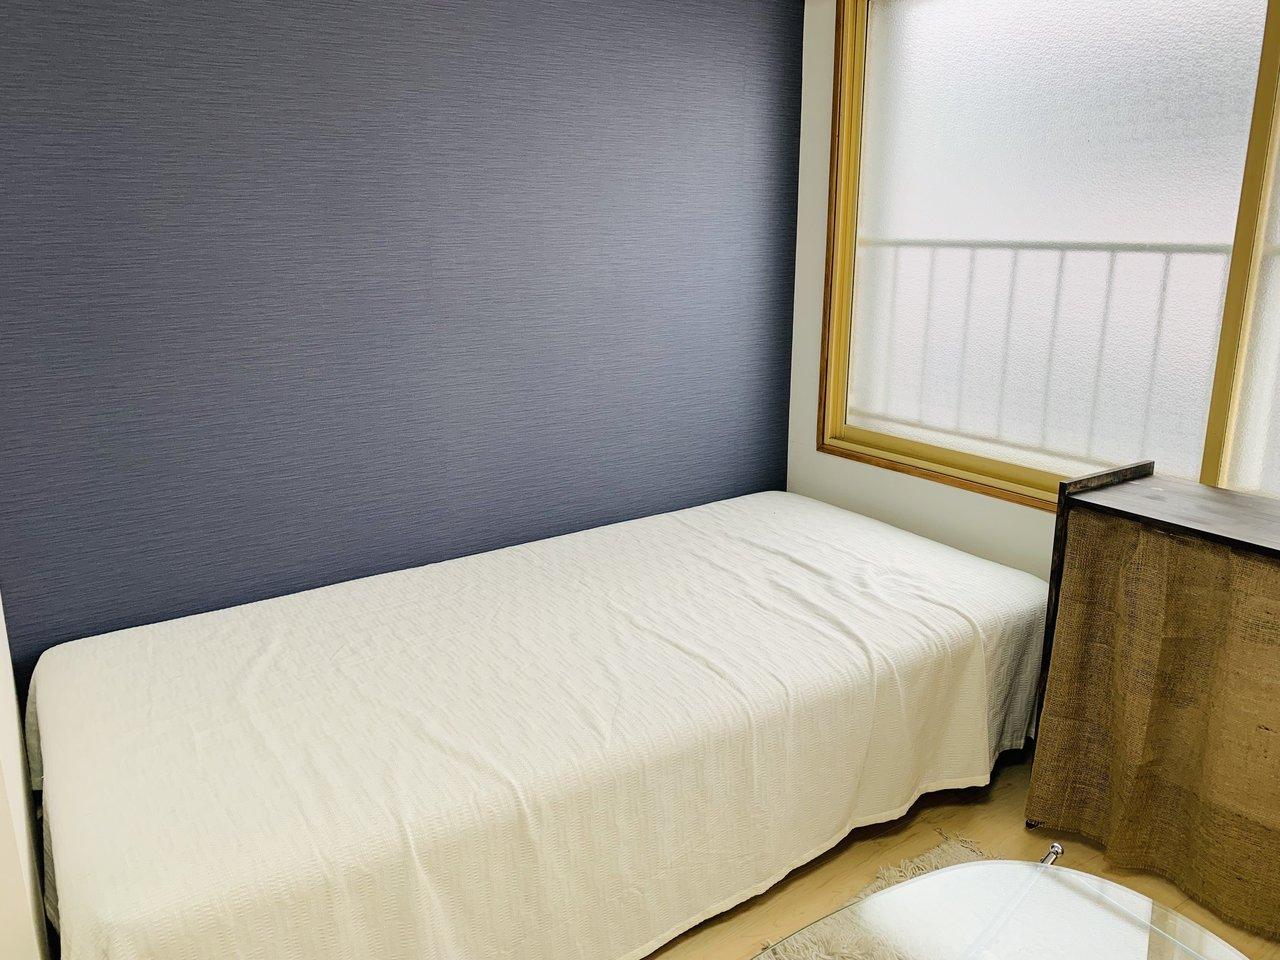 窓際にはシングルベッドがちょうどすっぽり収まるスペースも。ネイビーのアクセントクロスも素敵です。